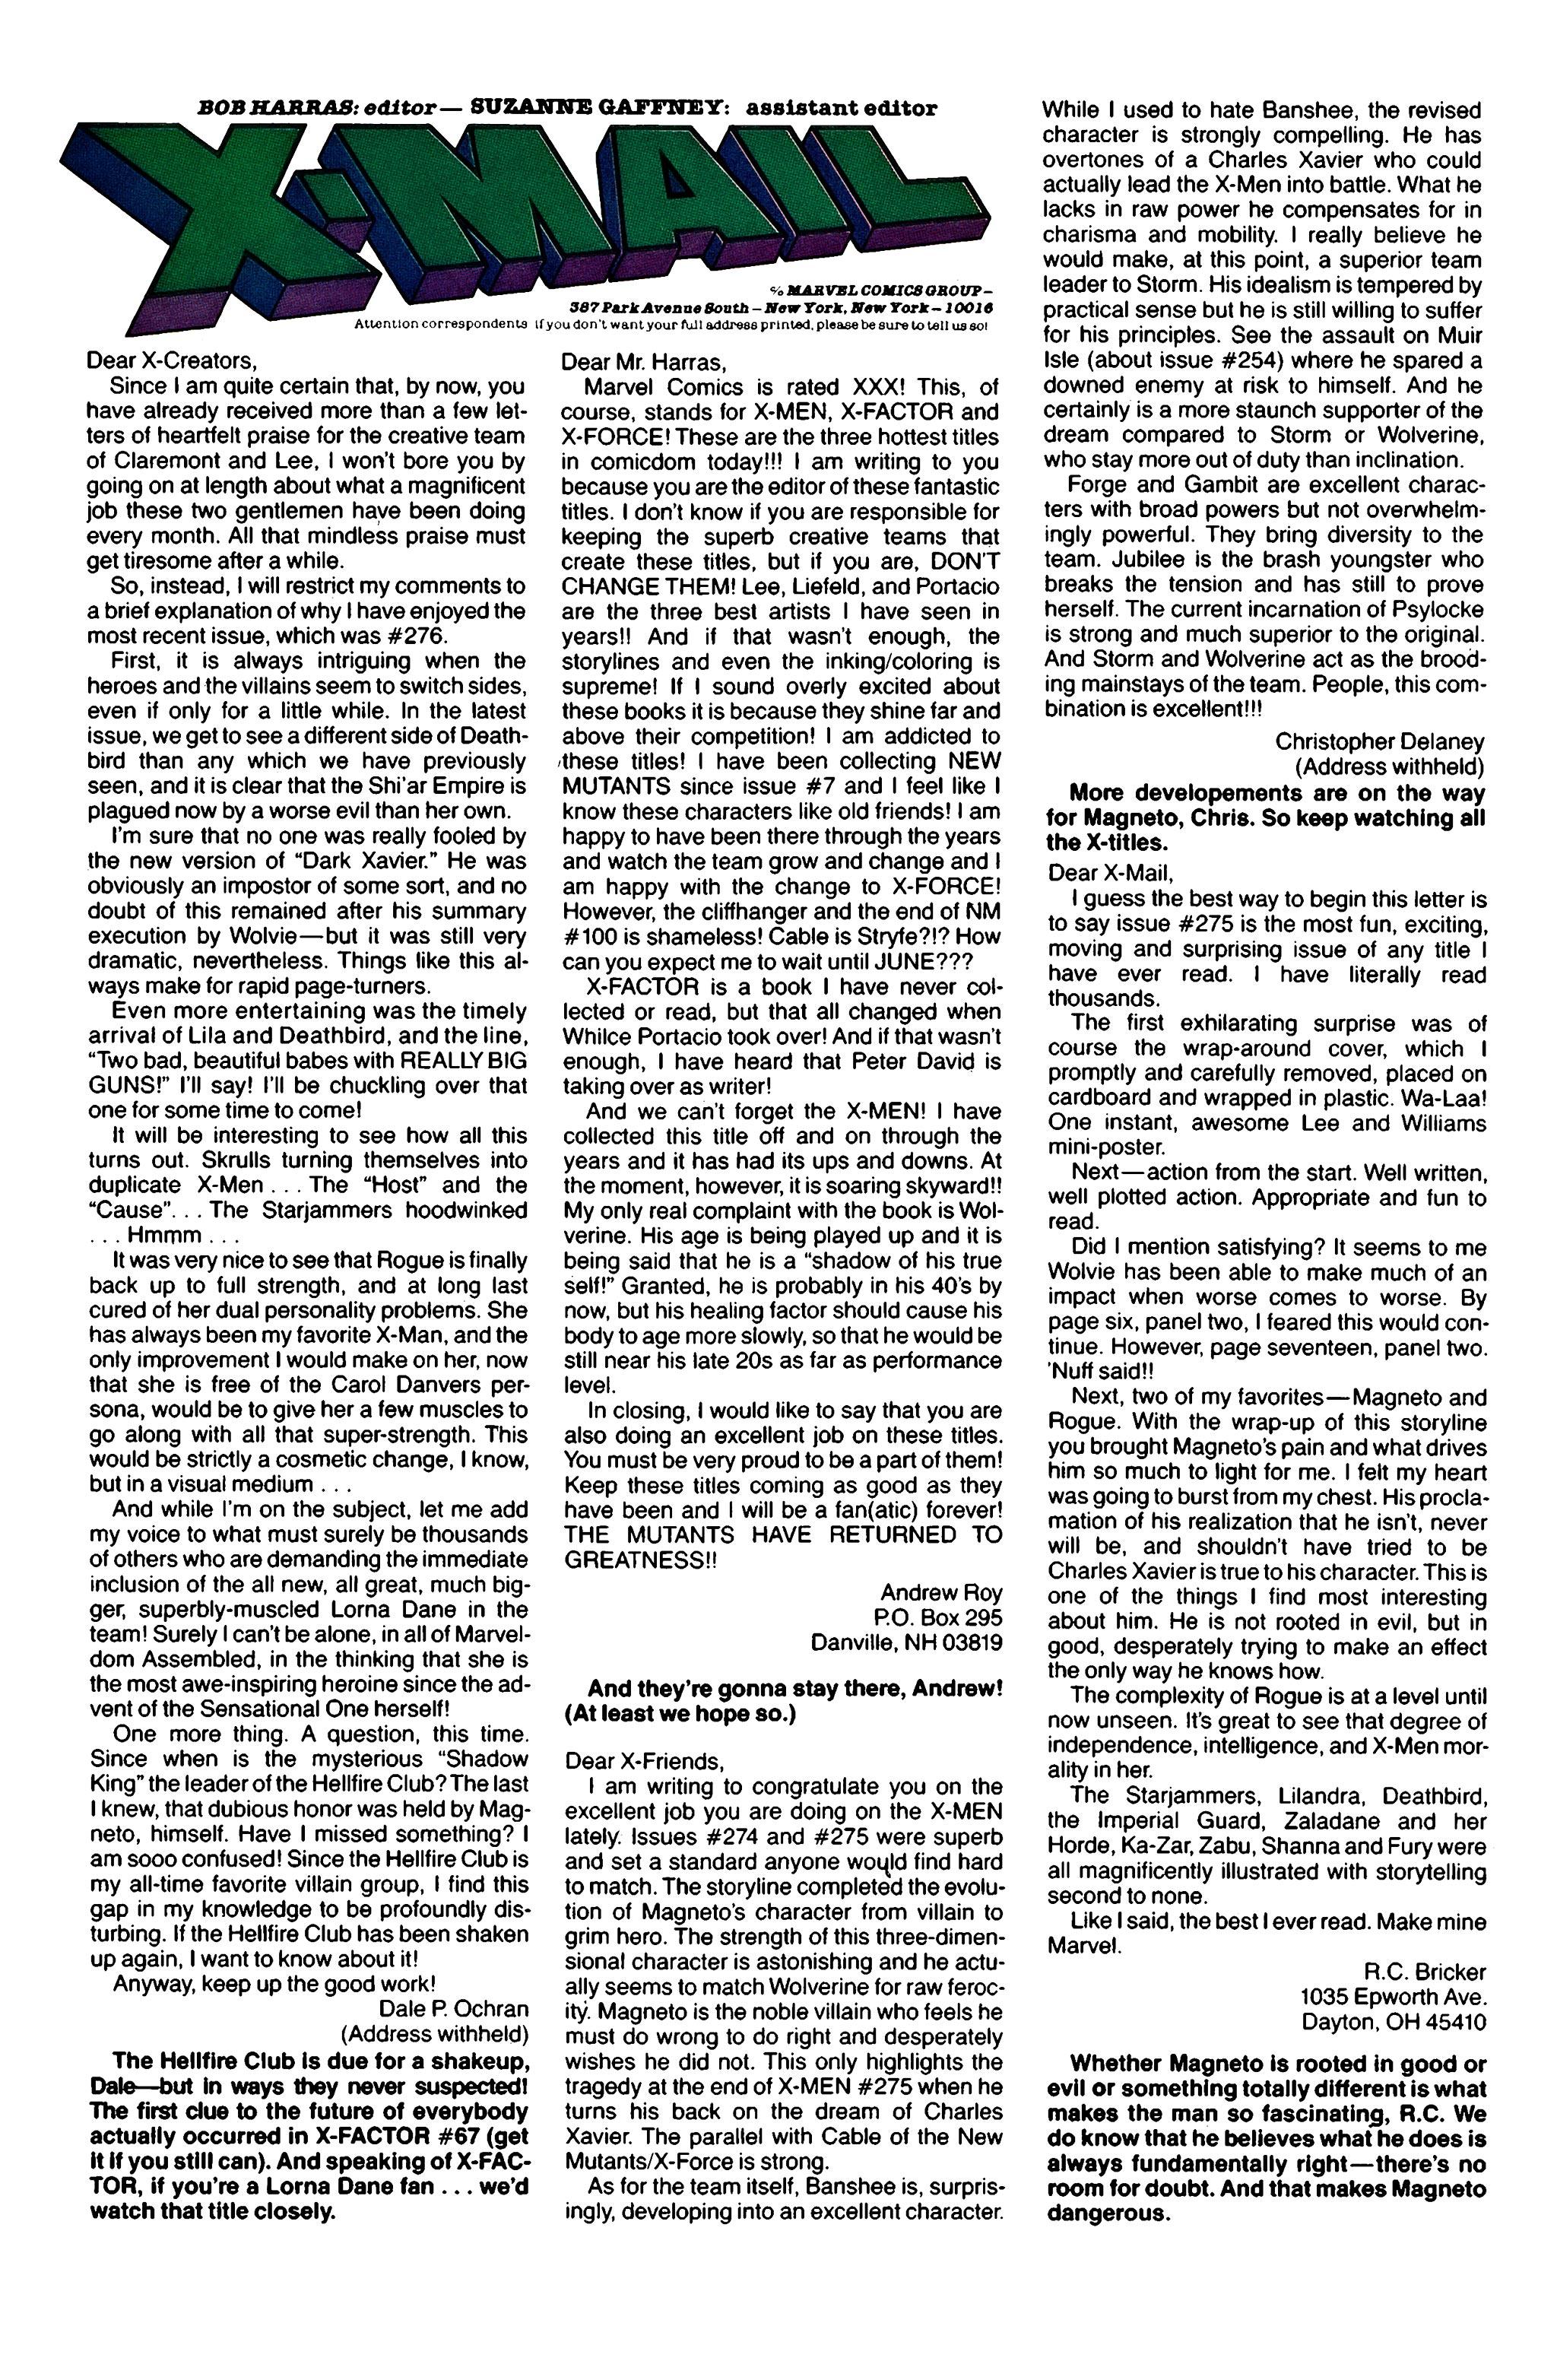 Read online Uncanny X-Men (1963) comic -  Issue #279 - 25